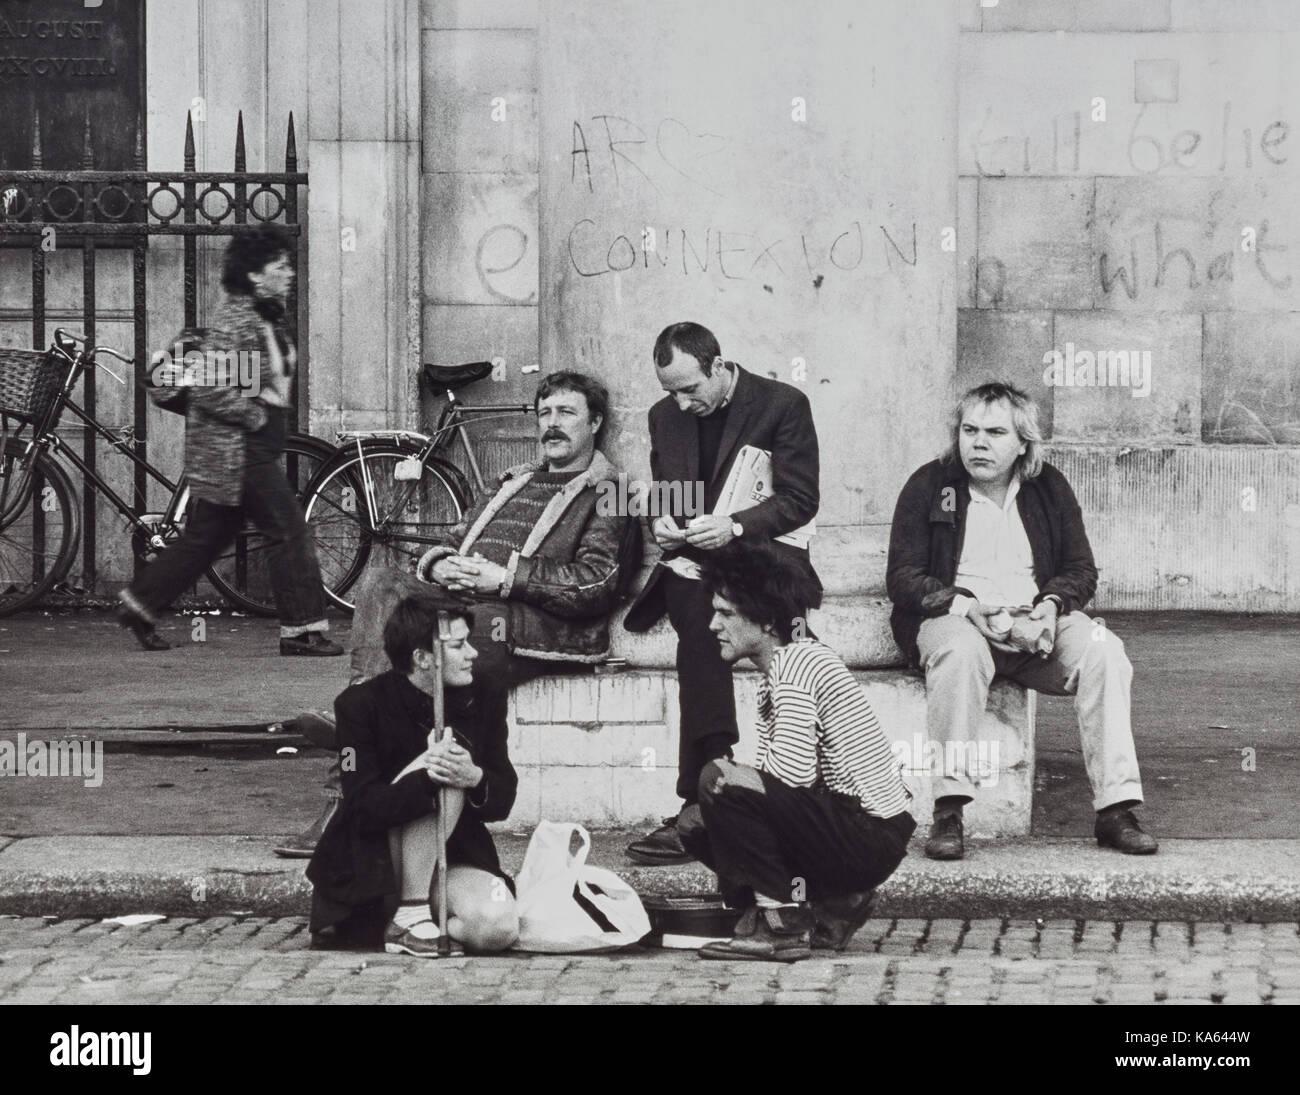 Actors resting in Covent Garden in 1982 - Stock Image